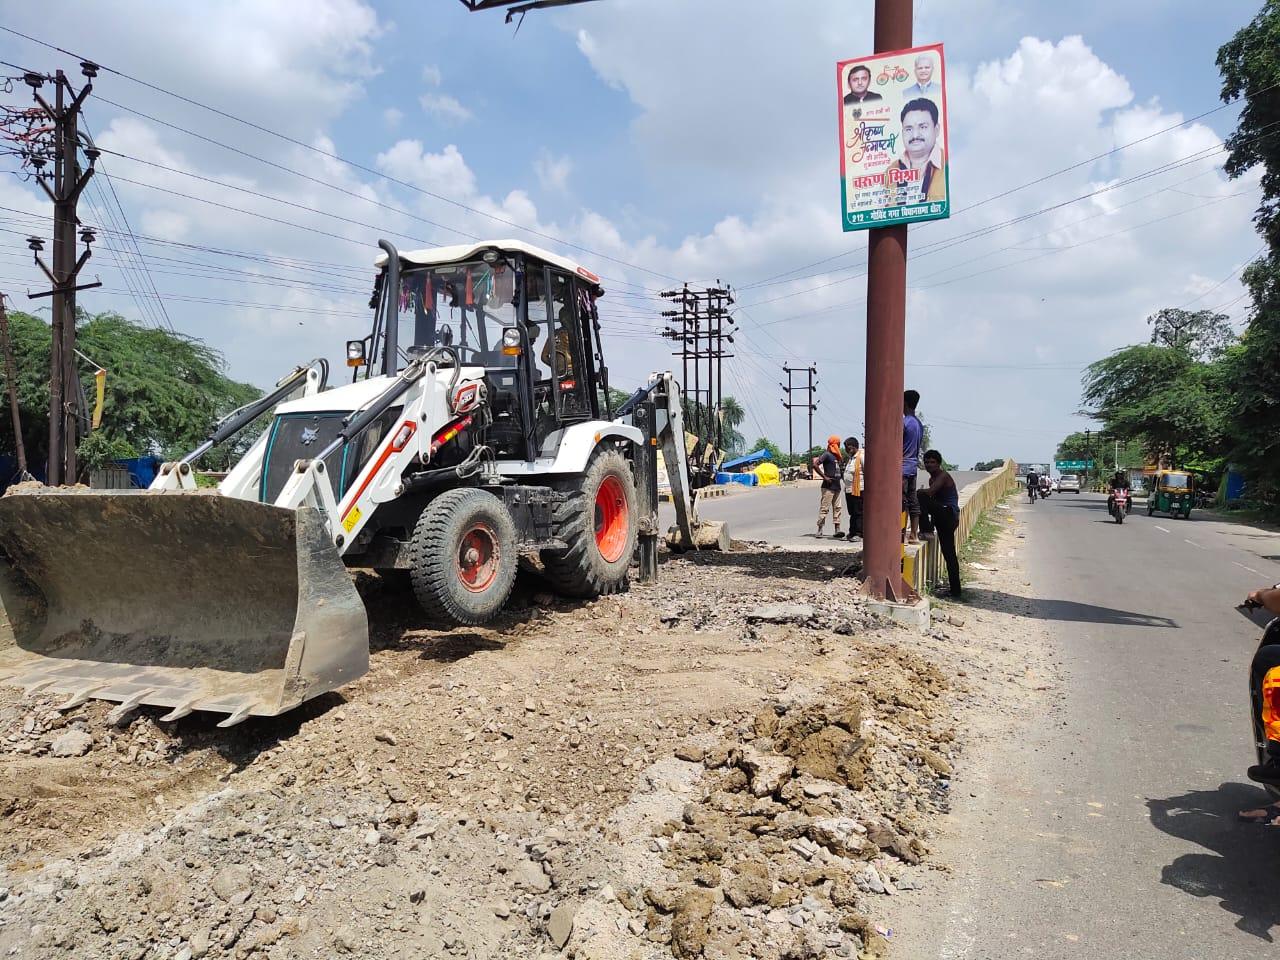 एक तरफ का रास्ता किया गया बंद, कानपुर में 3.28 करोड़ रुपए की लागत से पुलिया बनाई गई थी, PWD ने किया था निर्माण|कानपुर,Kanpur - Dainik Bhaskar